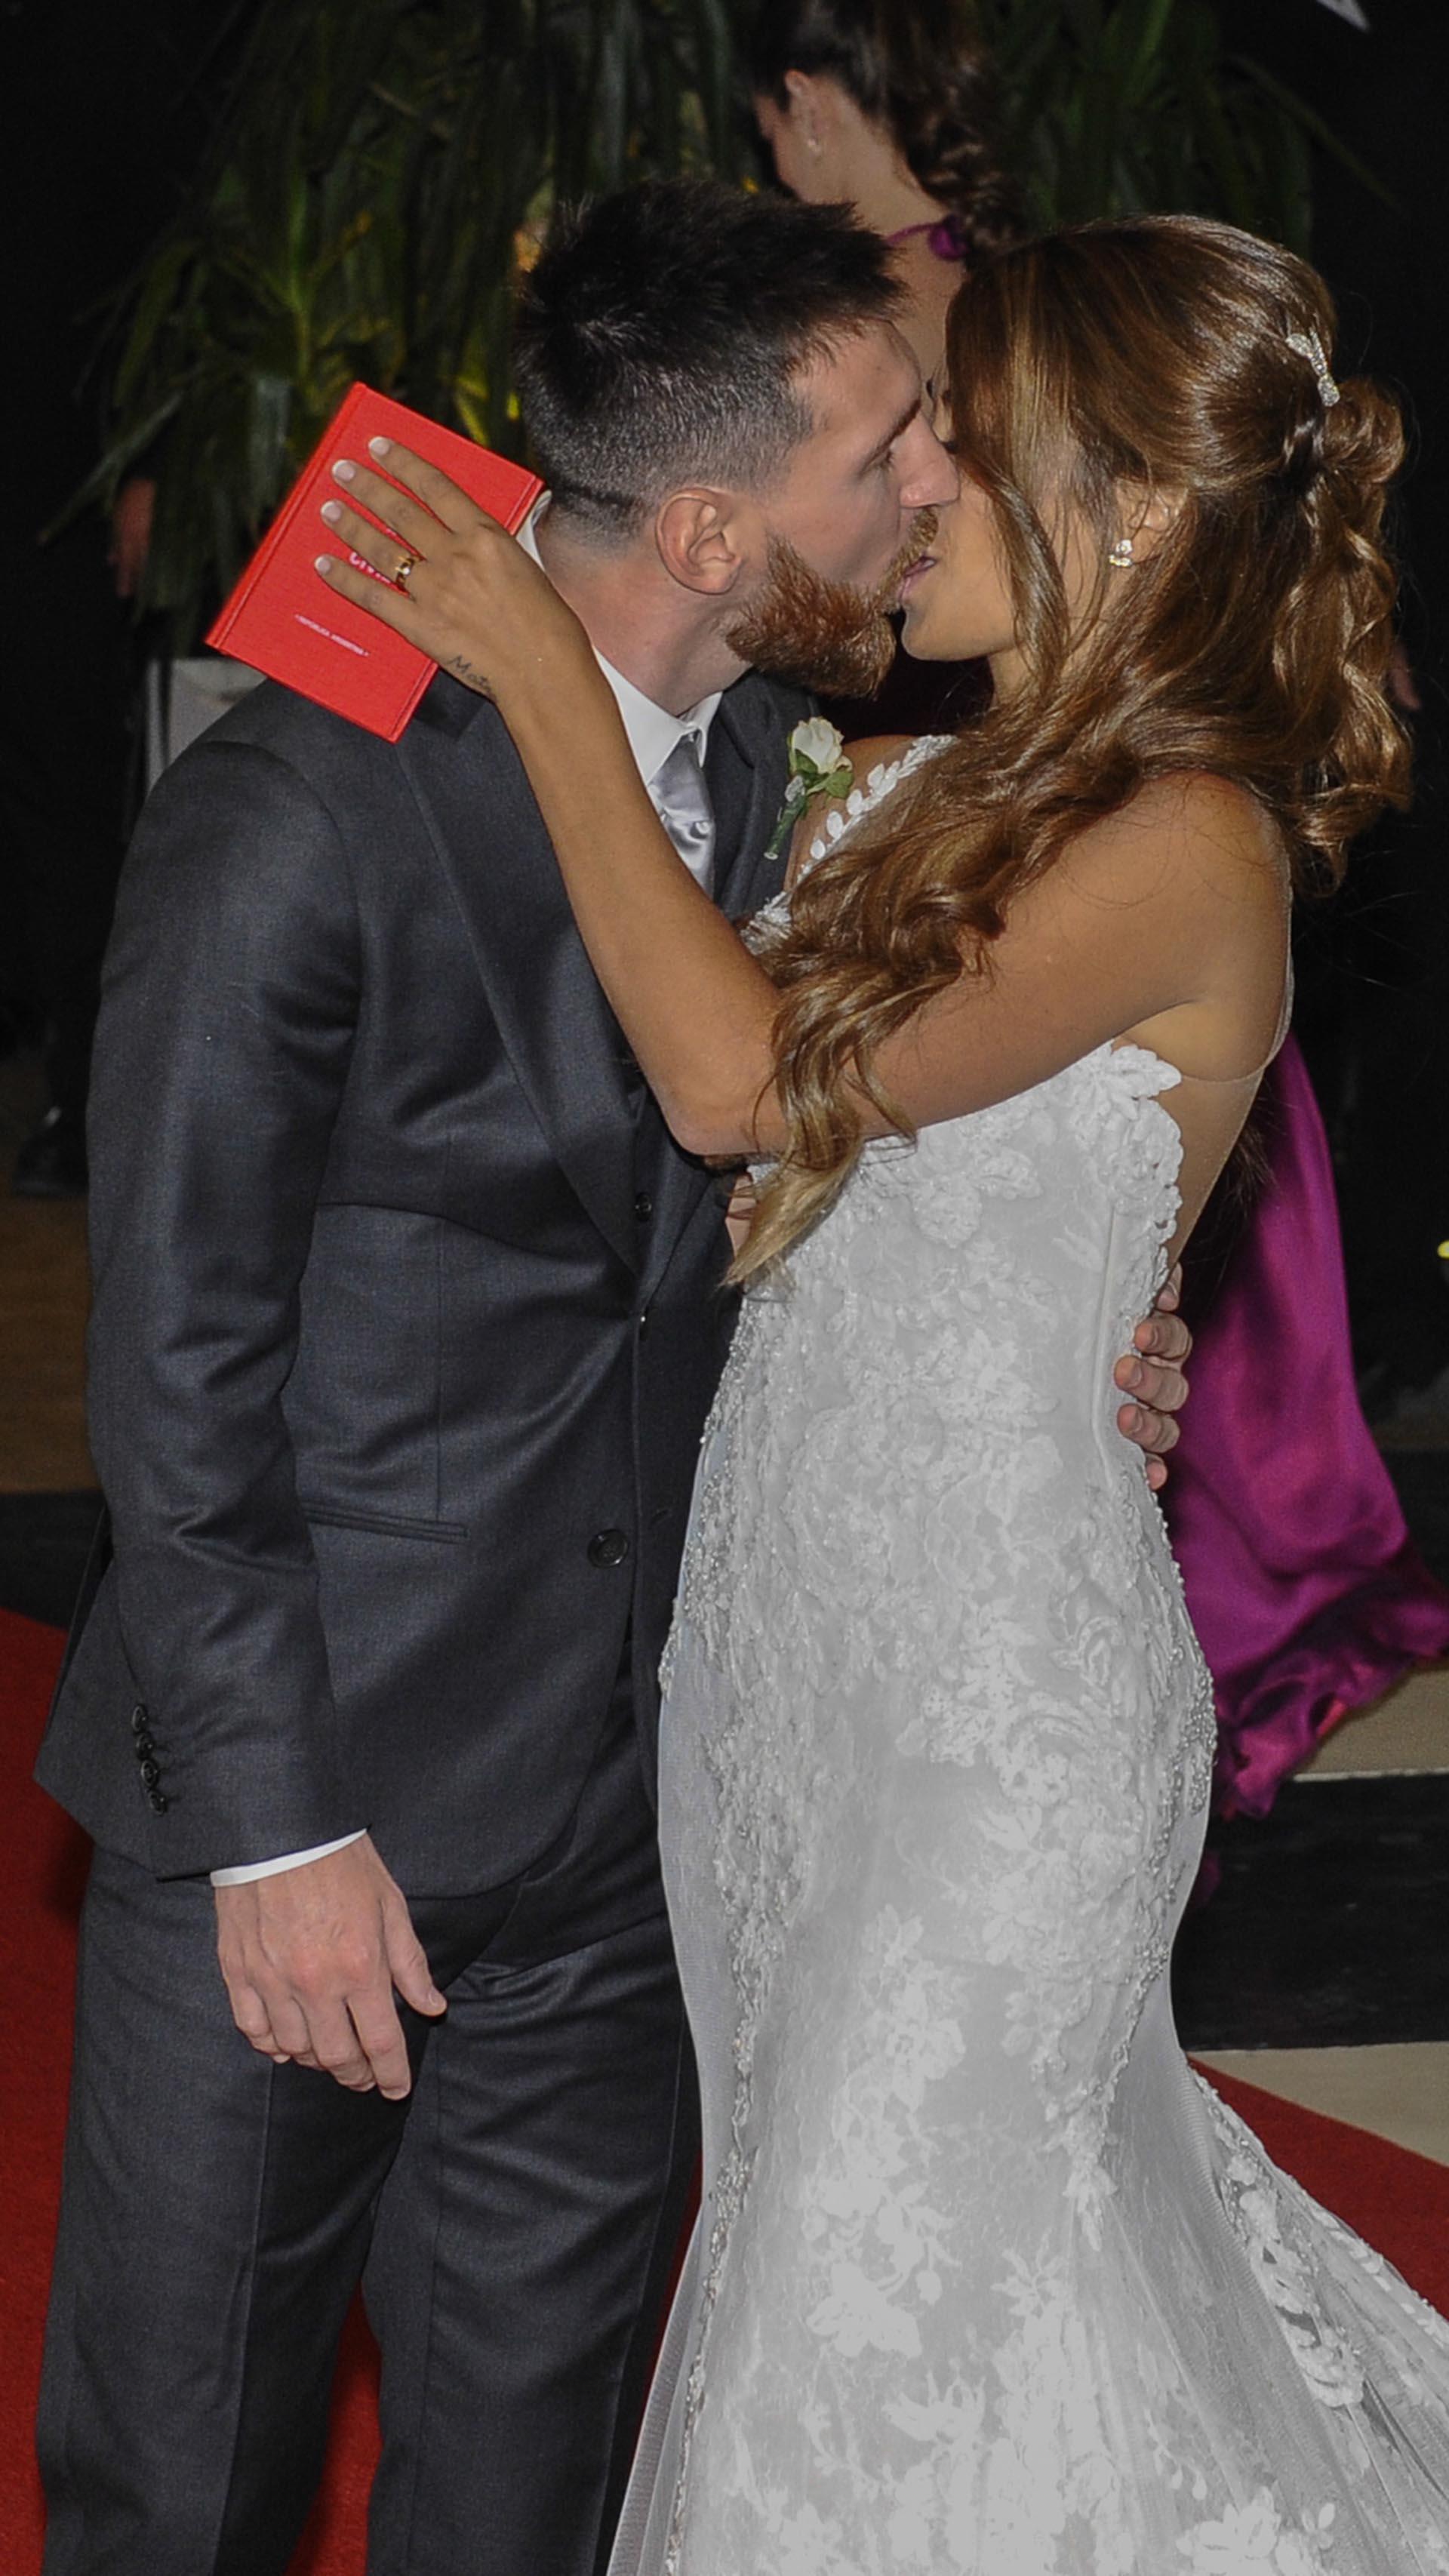 El sensual beso de Lionel Messi y Antonela Roccuzzo, ya como marido y mujer